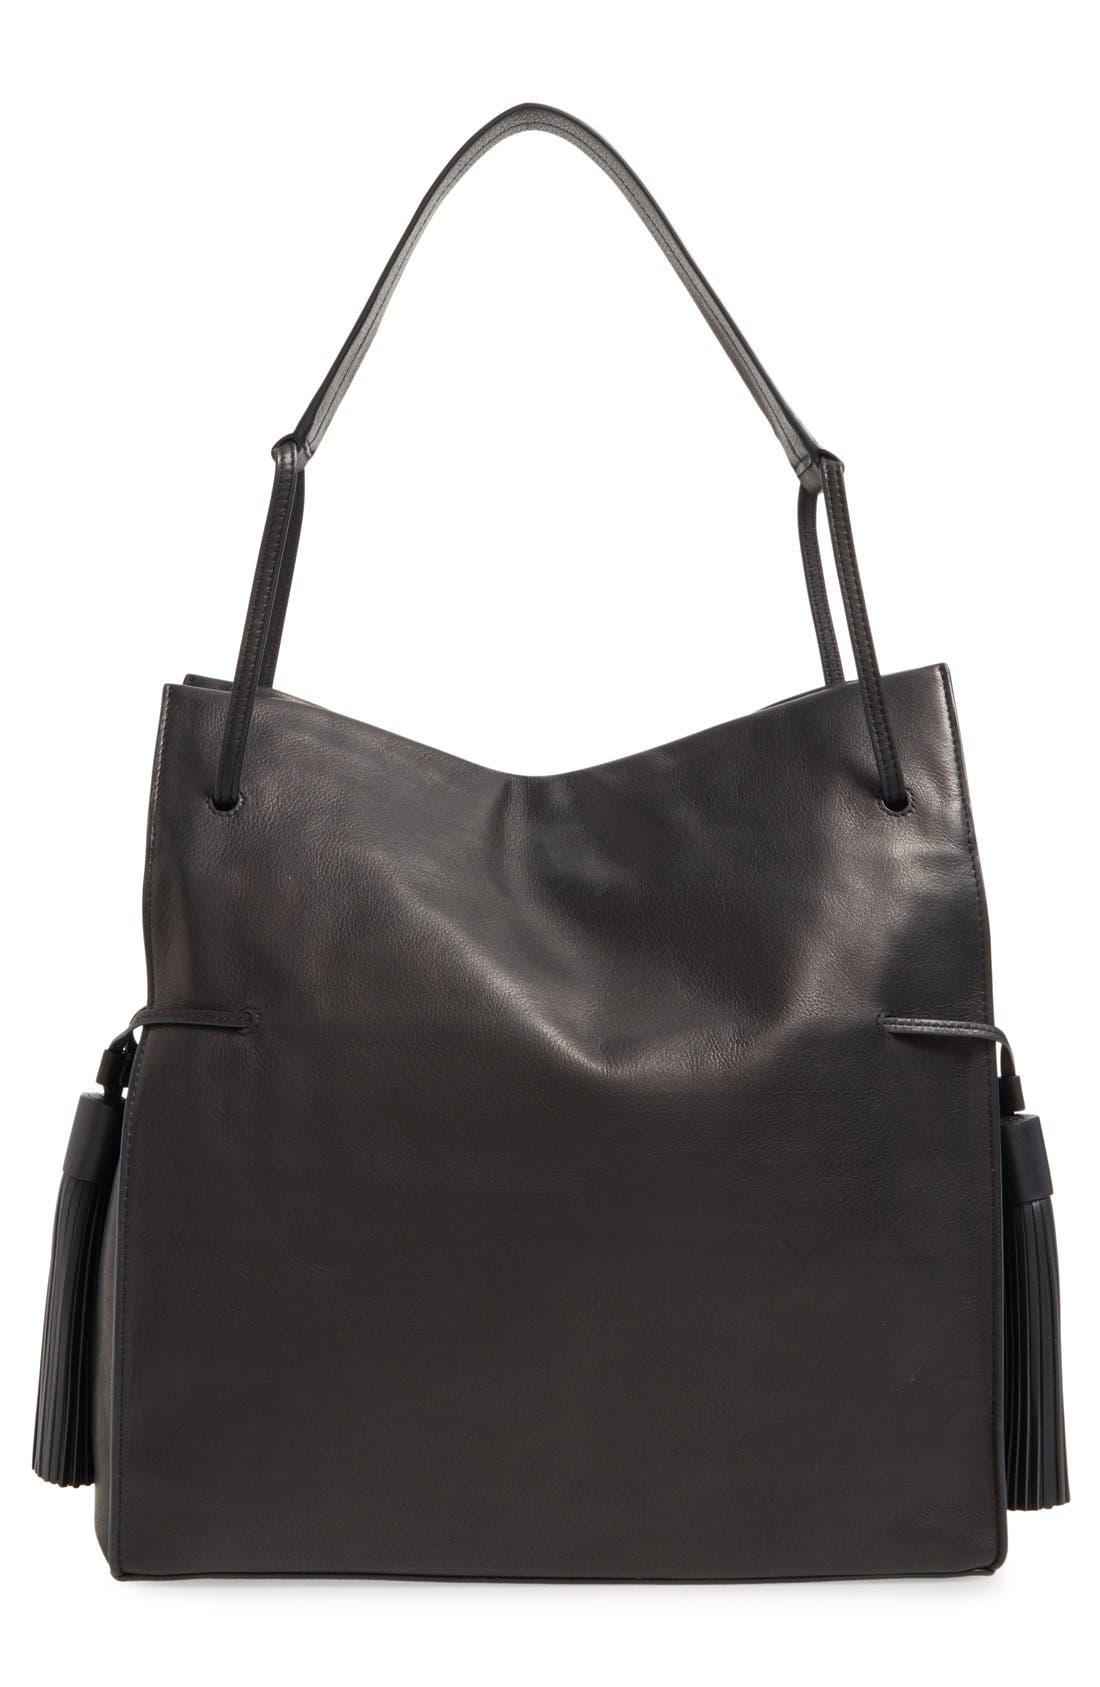 Alternate Image 3  - ALLSAINTS 'Freedom' Tassel Leather Hobo